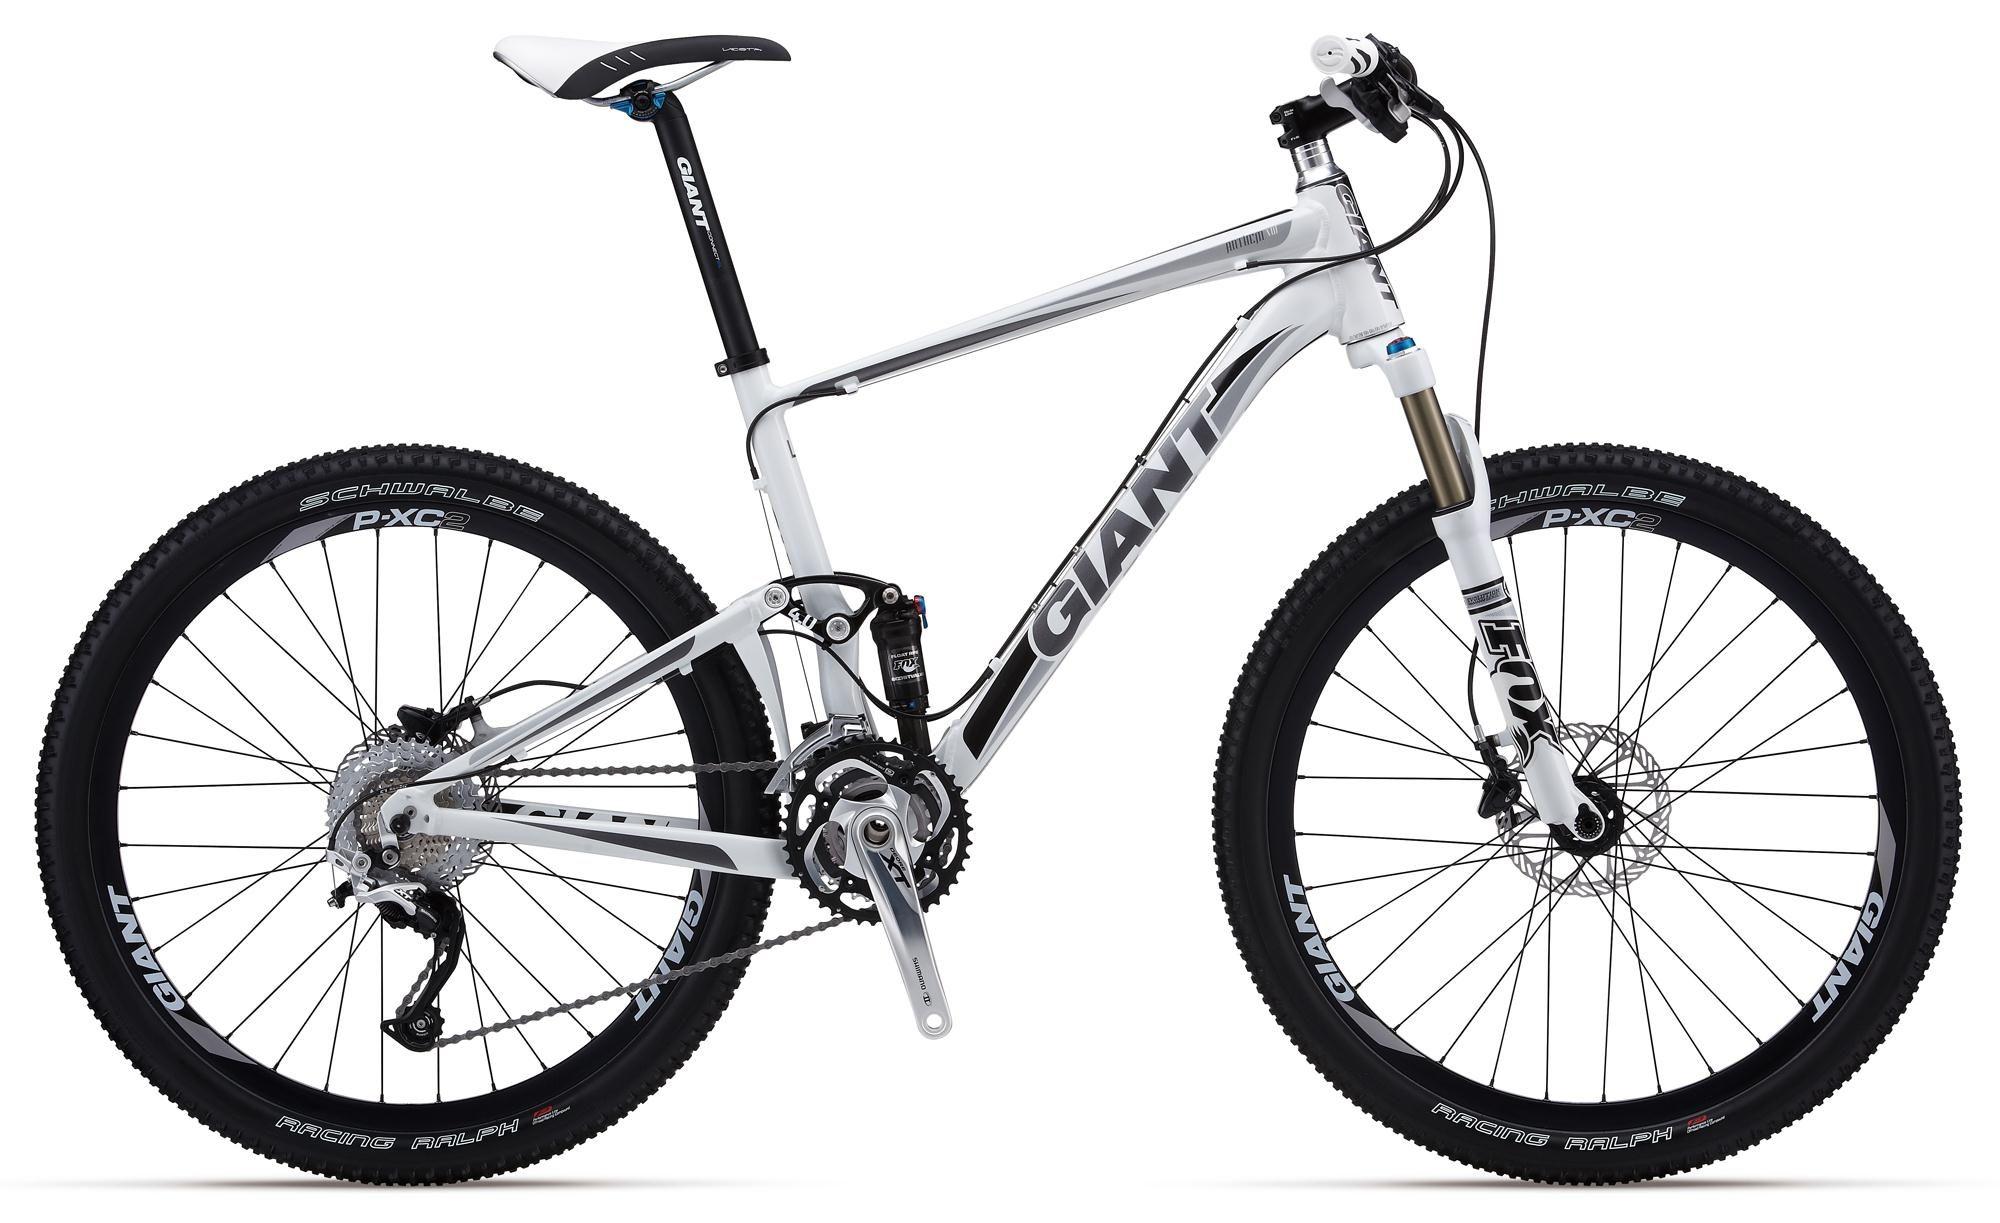 Anthem X1 W Giant Bicycles E Mountain Bike Mountainbike Sport